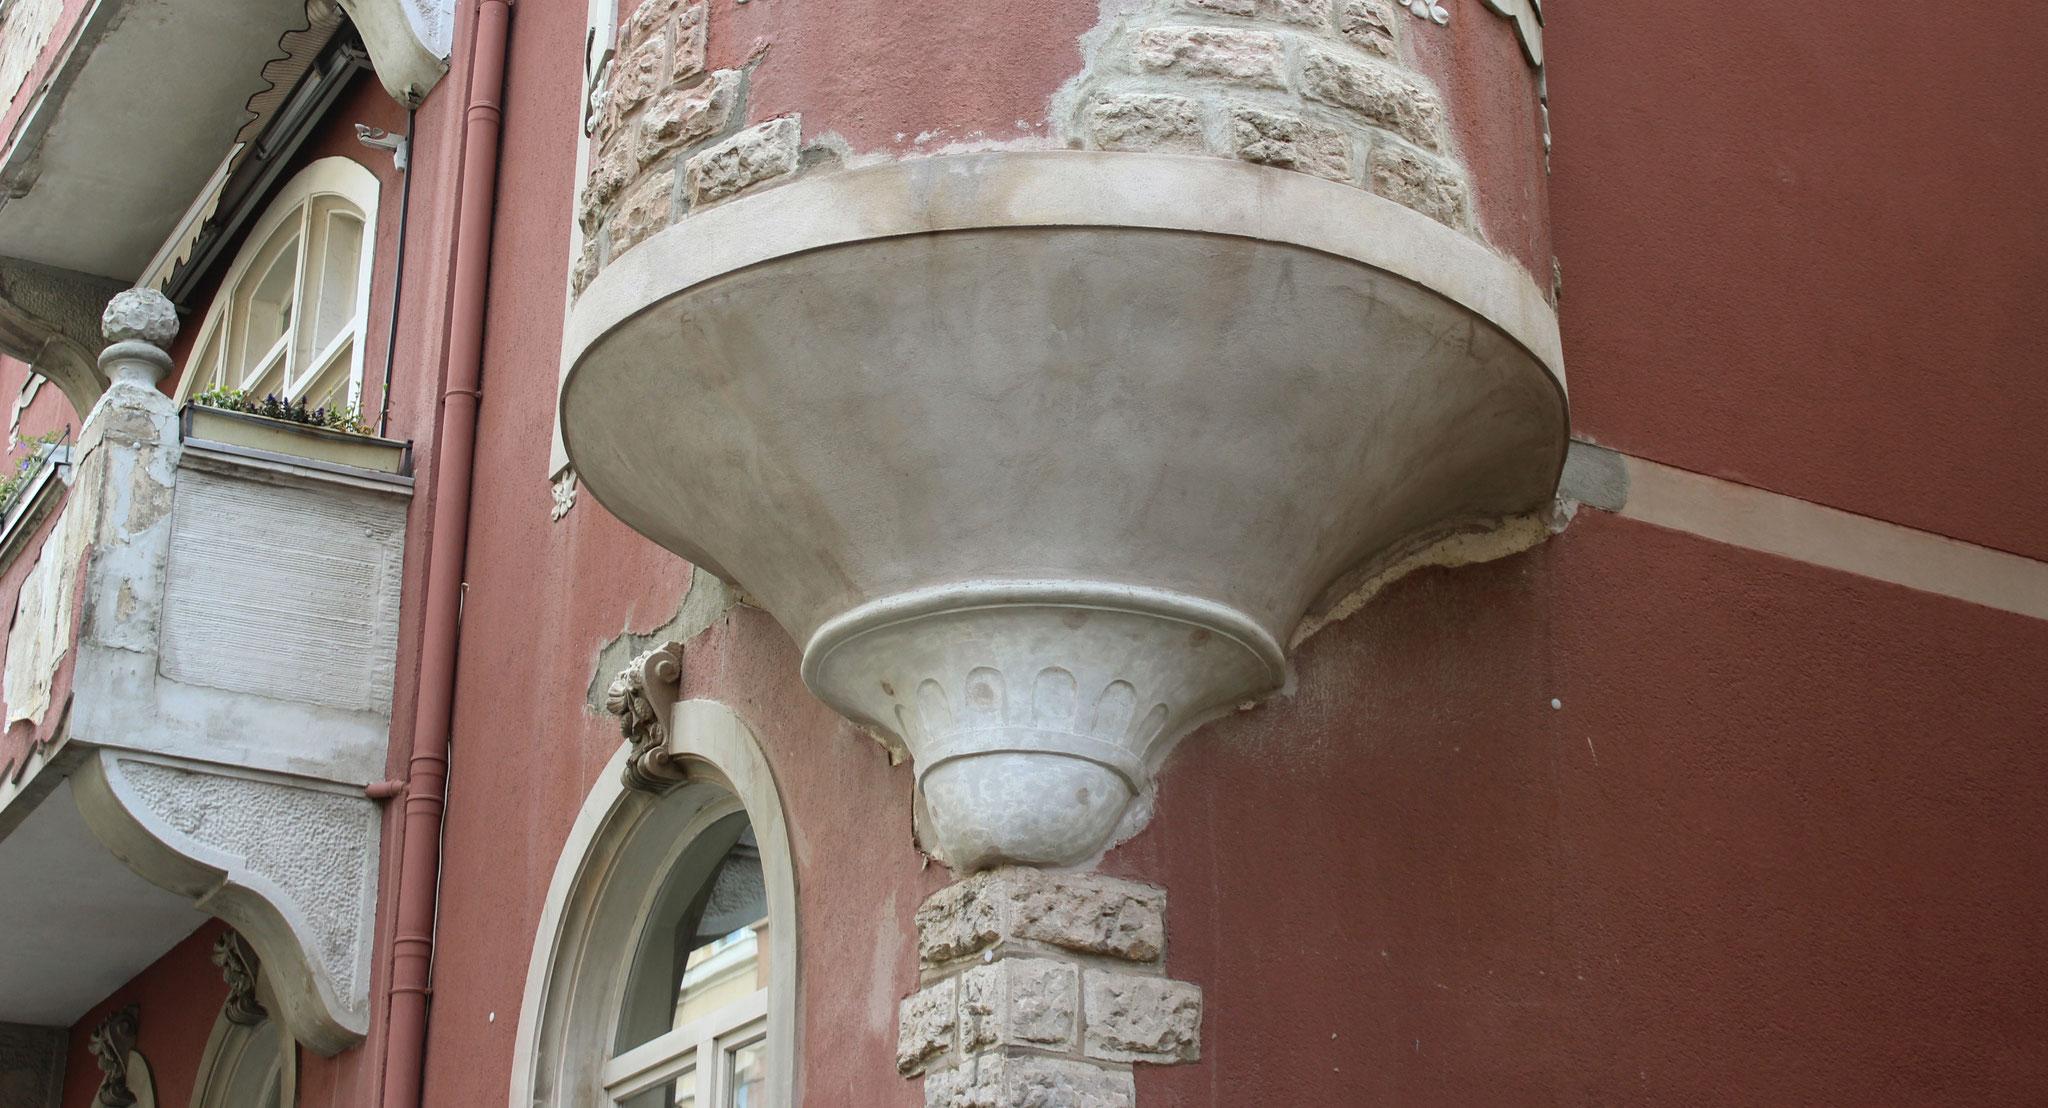 Erkerunterseite in Romanzement, rund verzogen auf Putzträgern